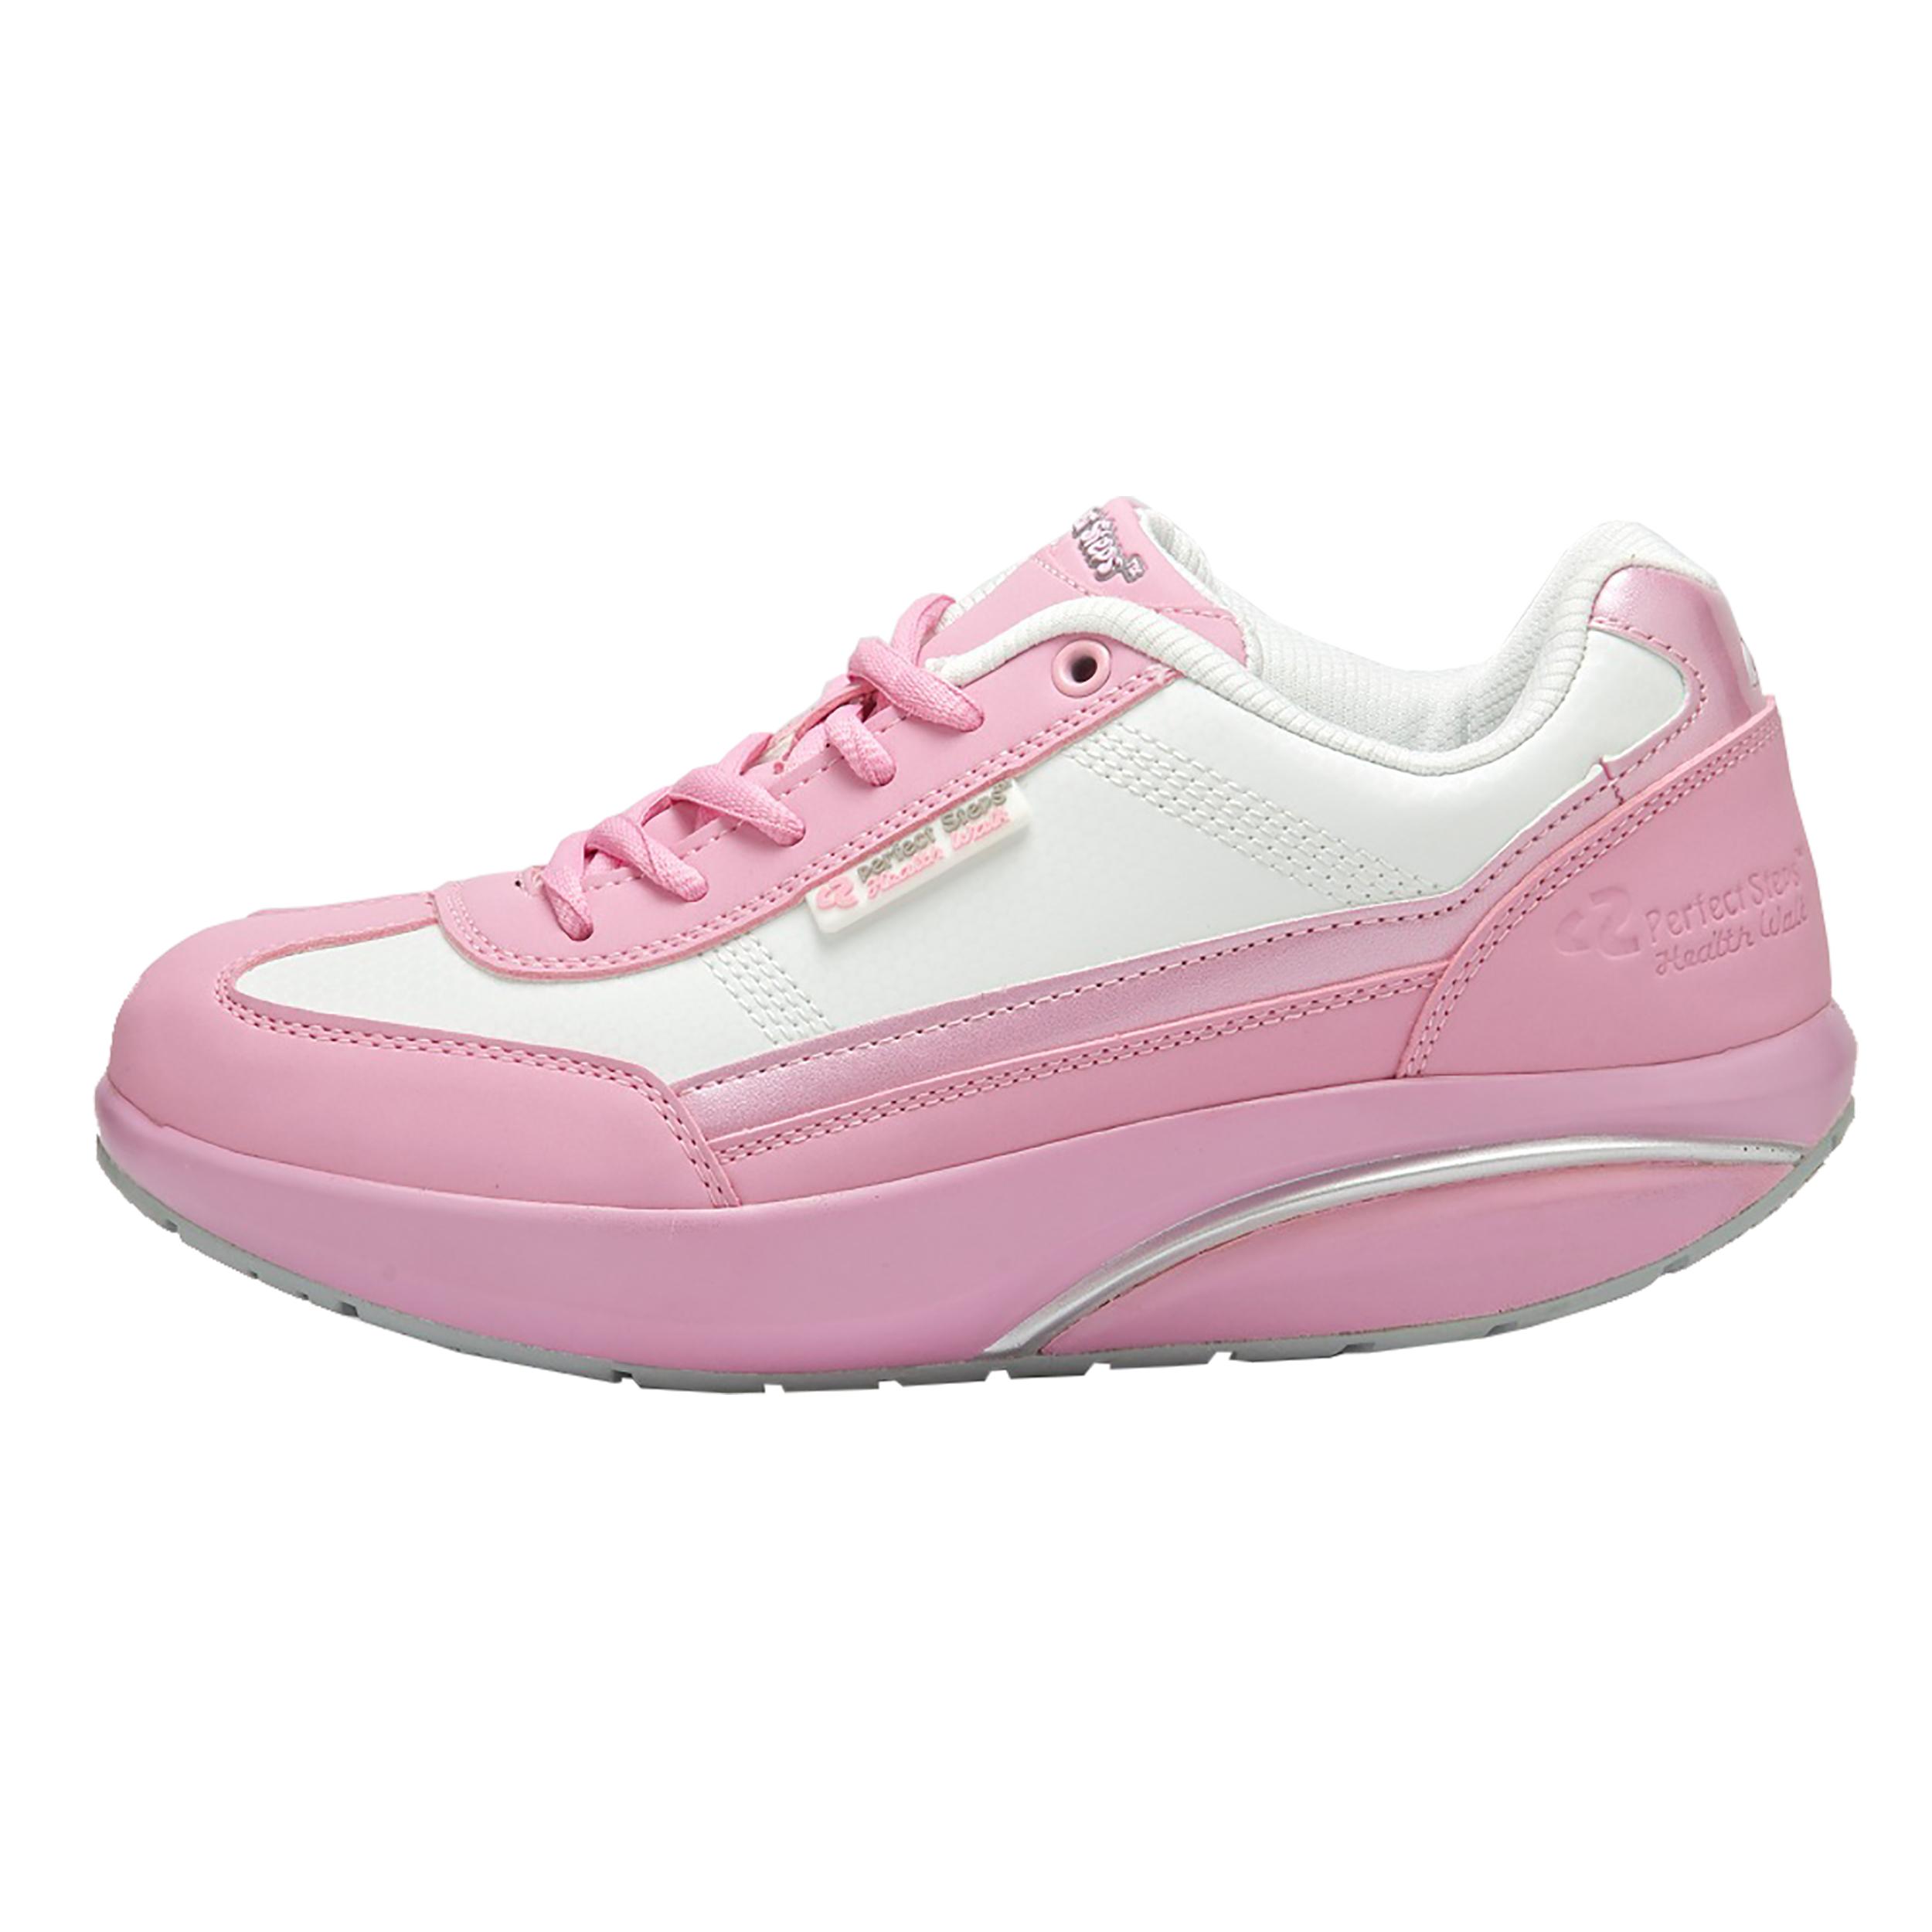 کفش مخصوص پیاده روی زنانه پرفکت استپس مدل هلس واک pw